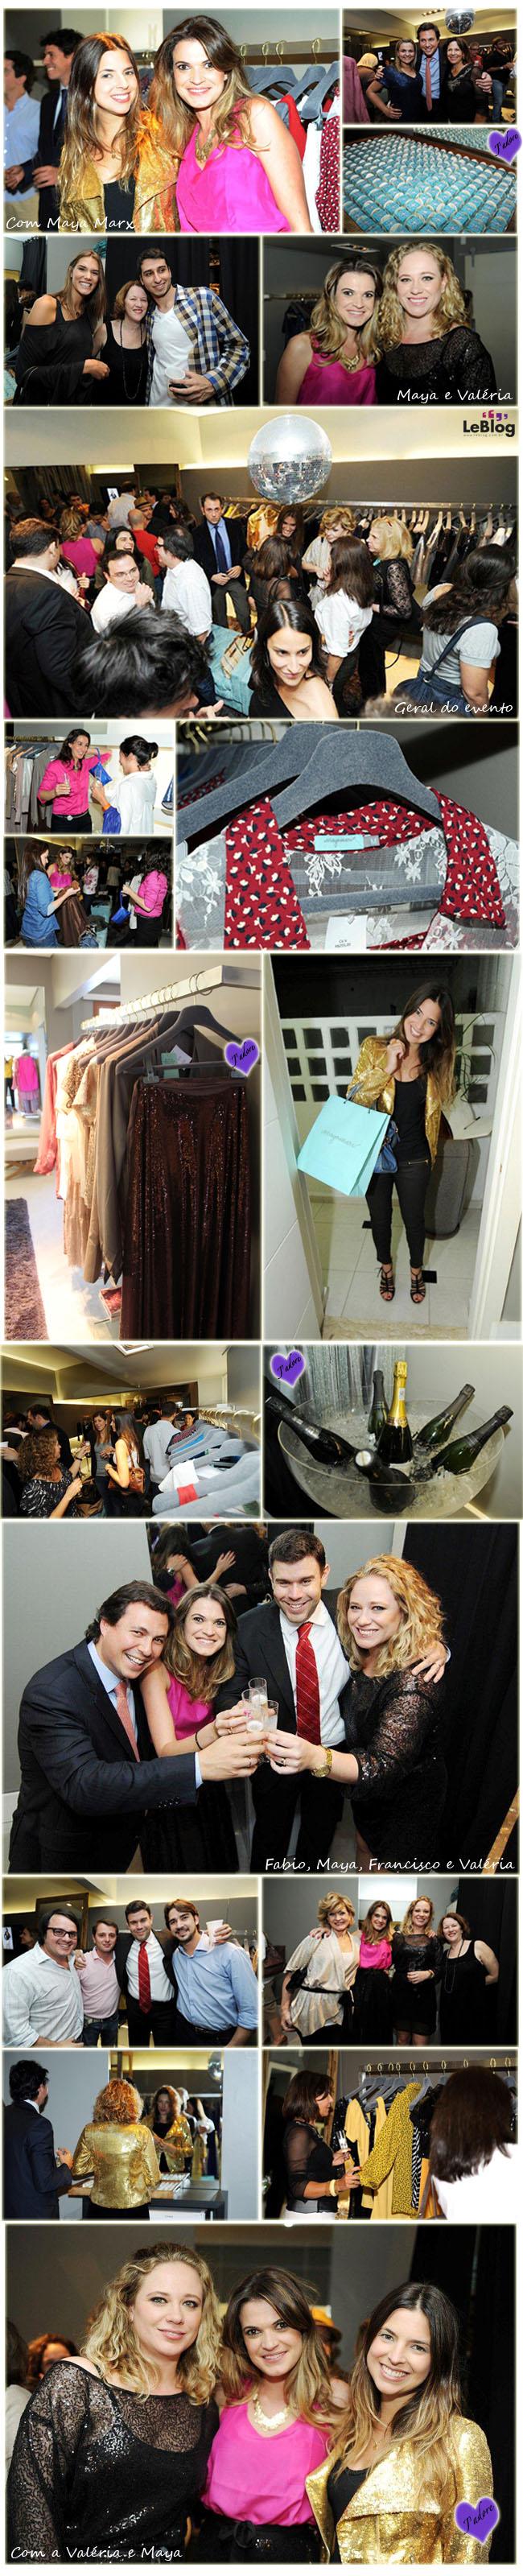 maya marx, maya marx roupas, loja maya marx, vestido de paetes, saia de paetes, vestido de festa, vestido de casamento, sugestao de presente